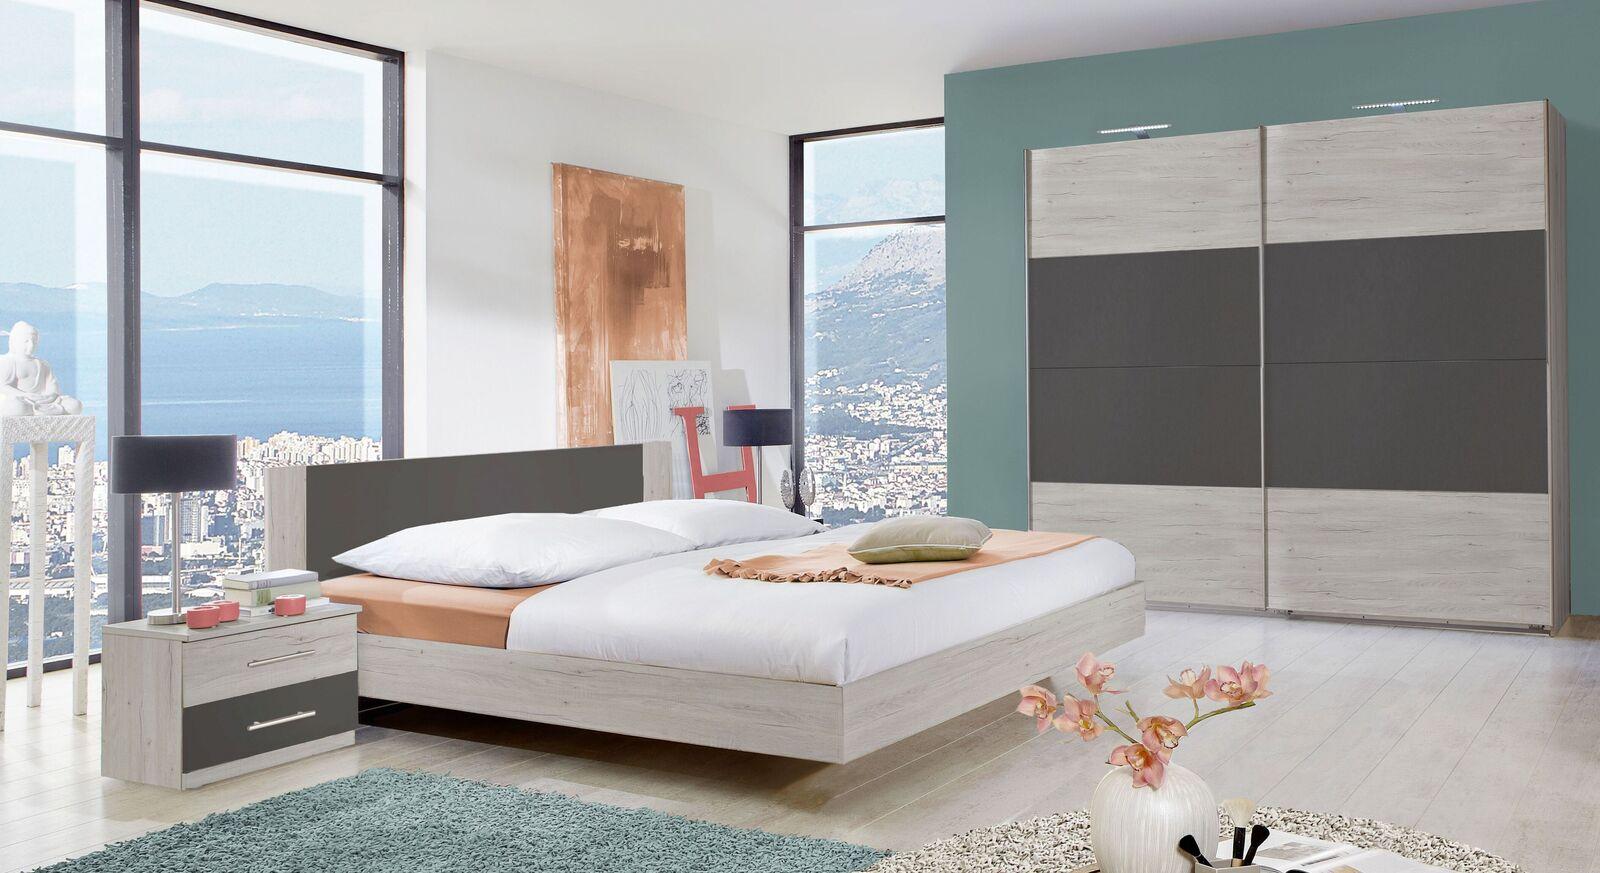 Komplett-Schlafzimmer Kemere mit passenden Möbeln